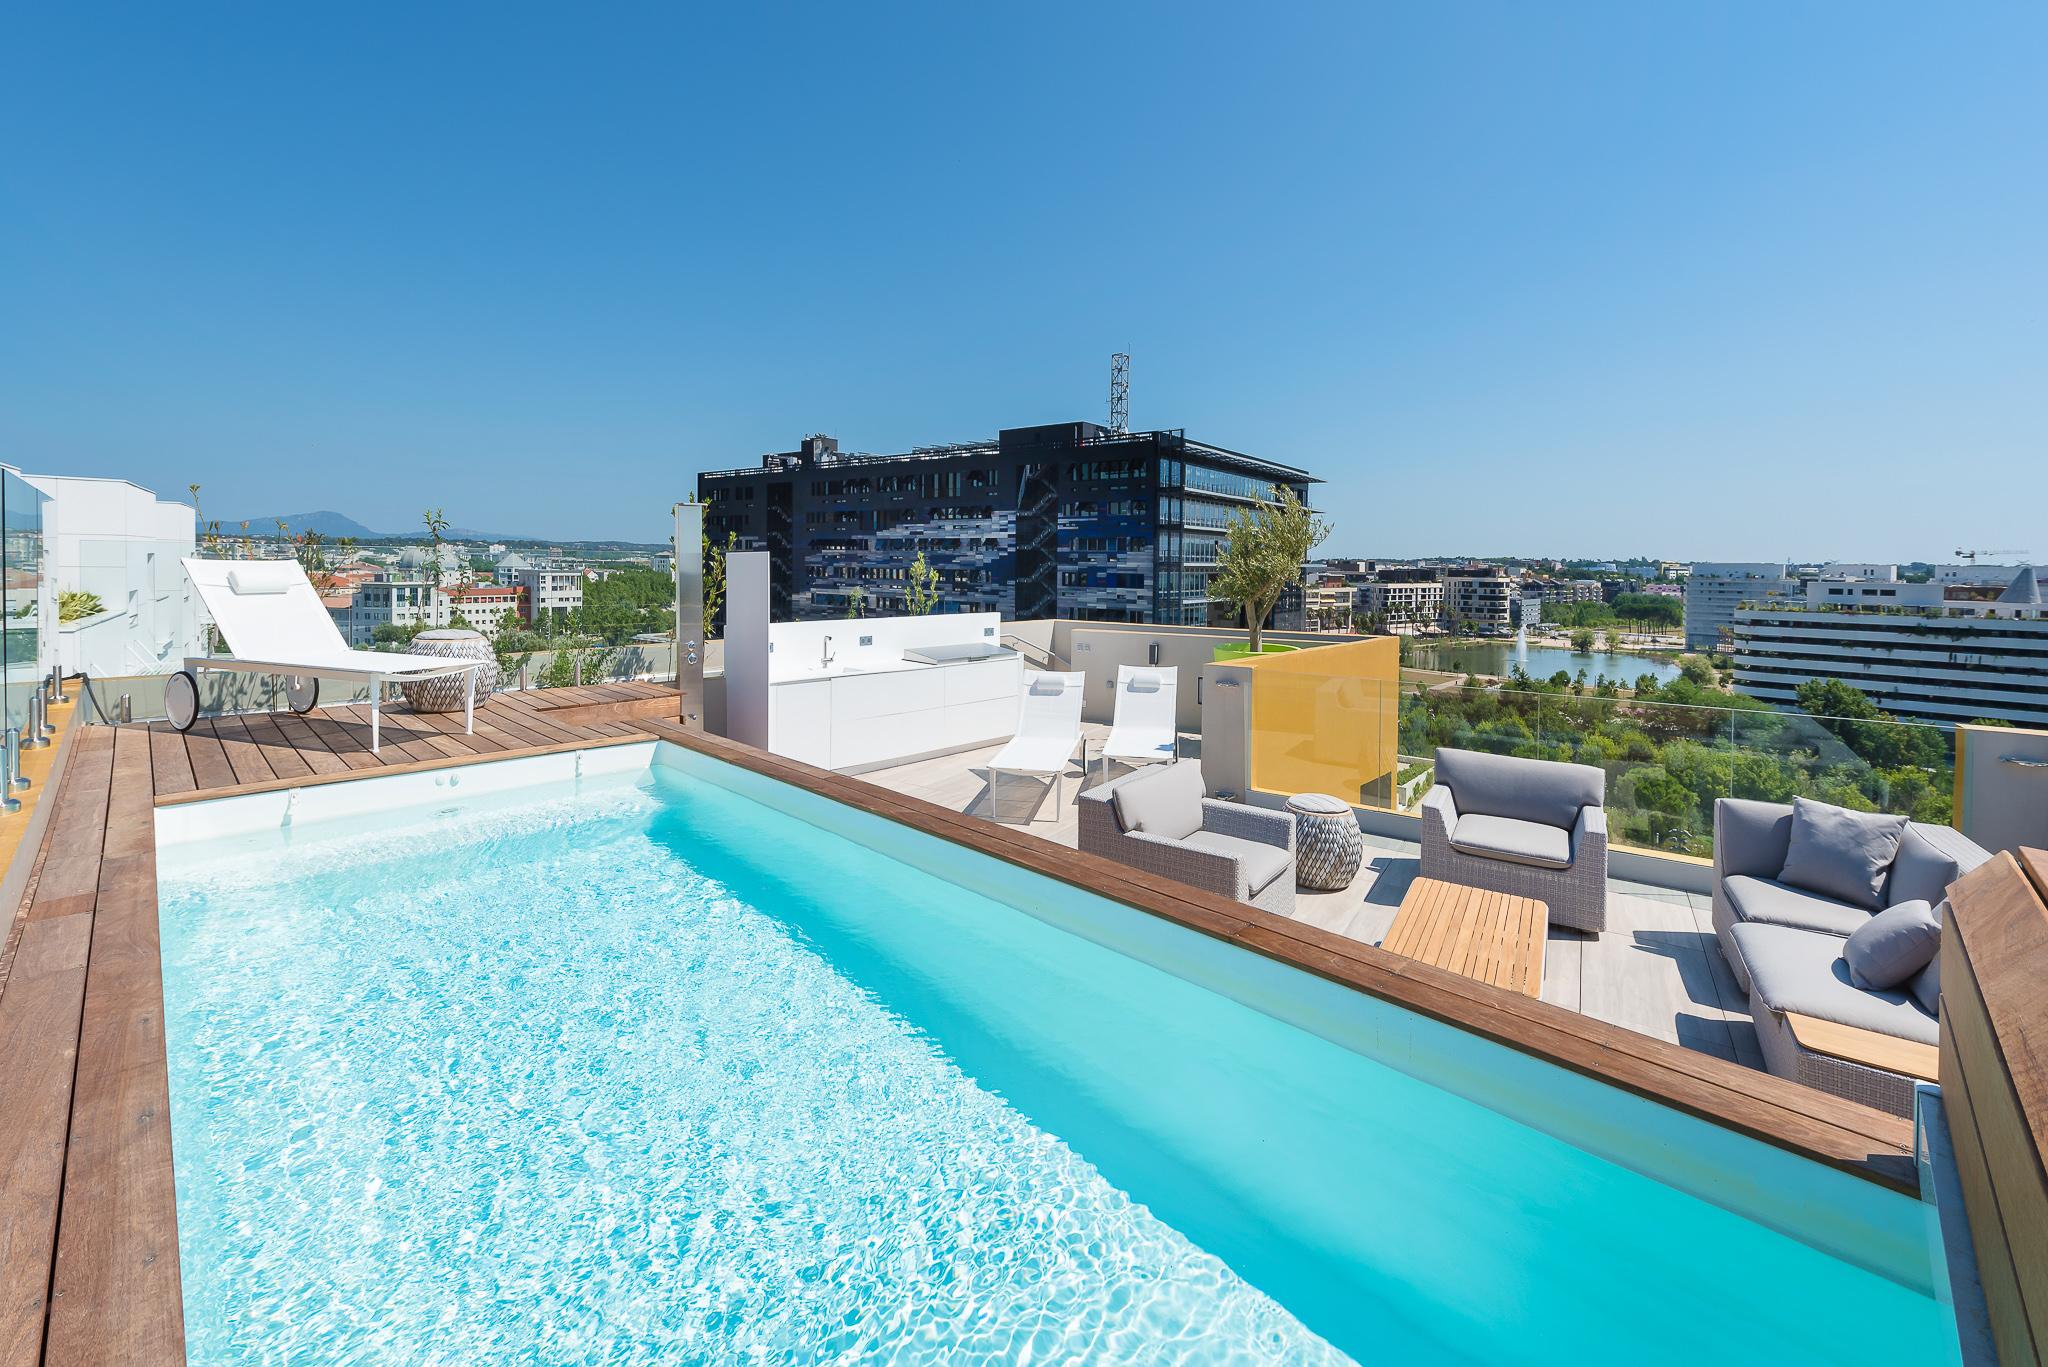 Piscine sur le toit avec vue sur la nouvelle mairie de Montpellier - Le Platinium à Montpellier par M&A Promotion